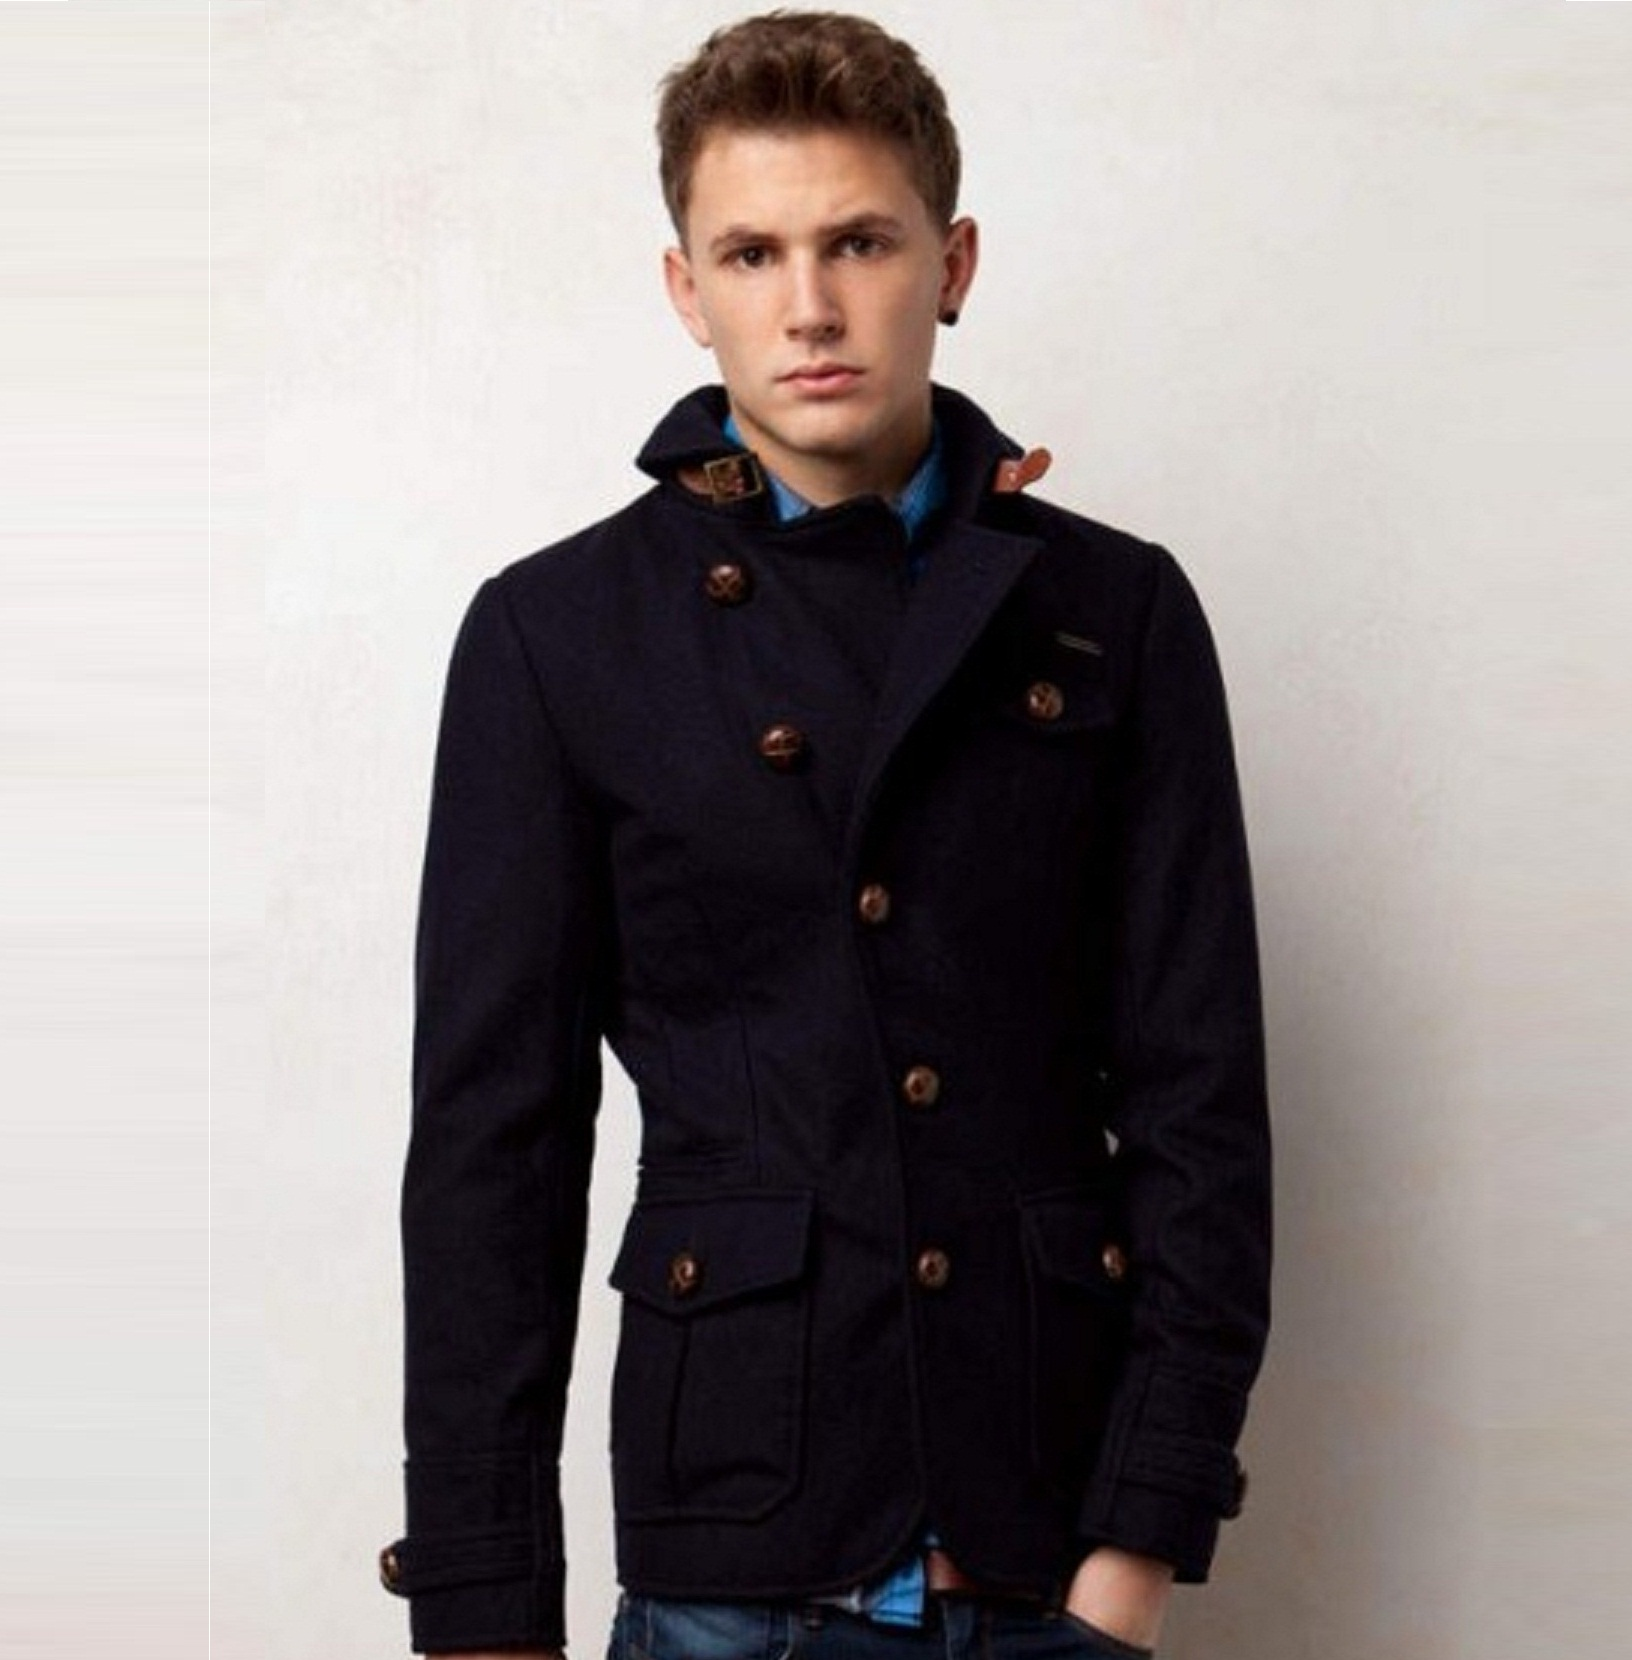 صورة ملابس رجاليه شتويه , الشتاء واشيك ملابس للرجال 5958